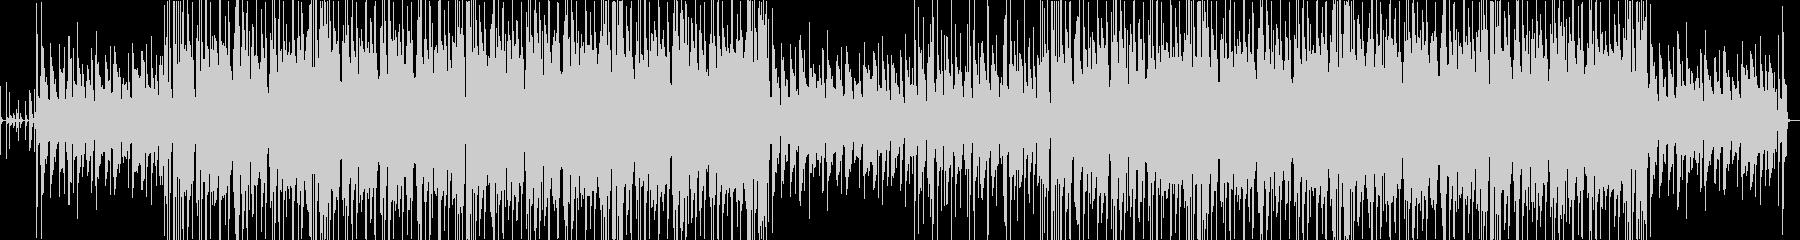 ほのぼの系アコースティックポップスの未再生の波形